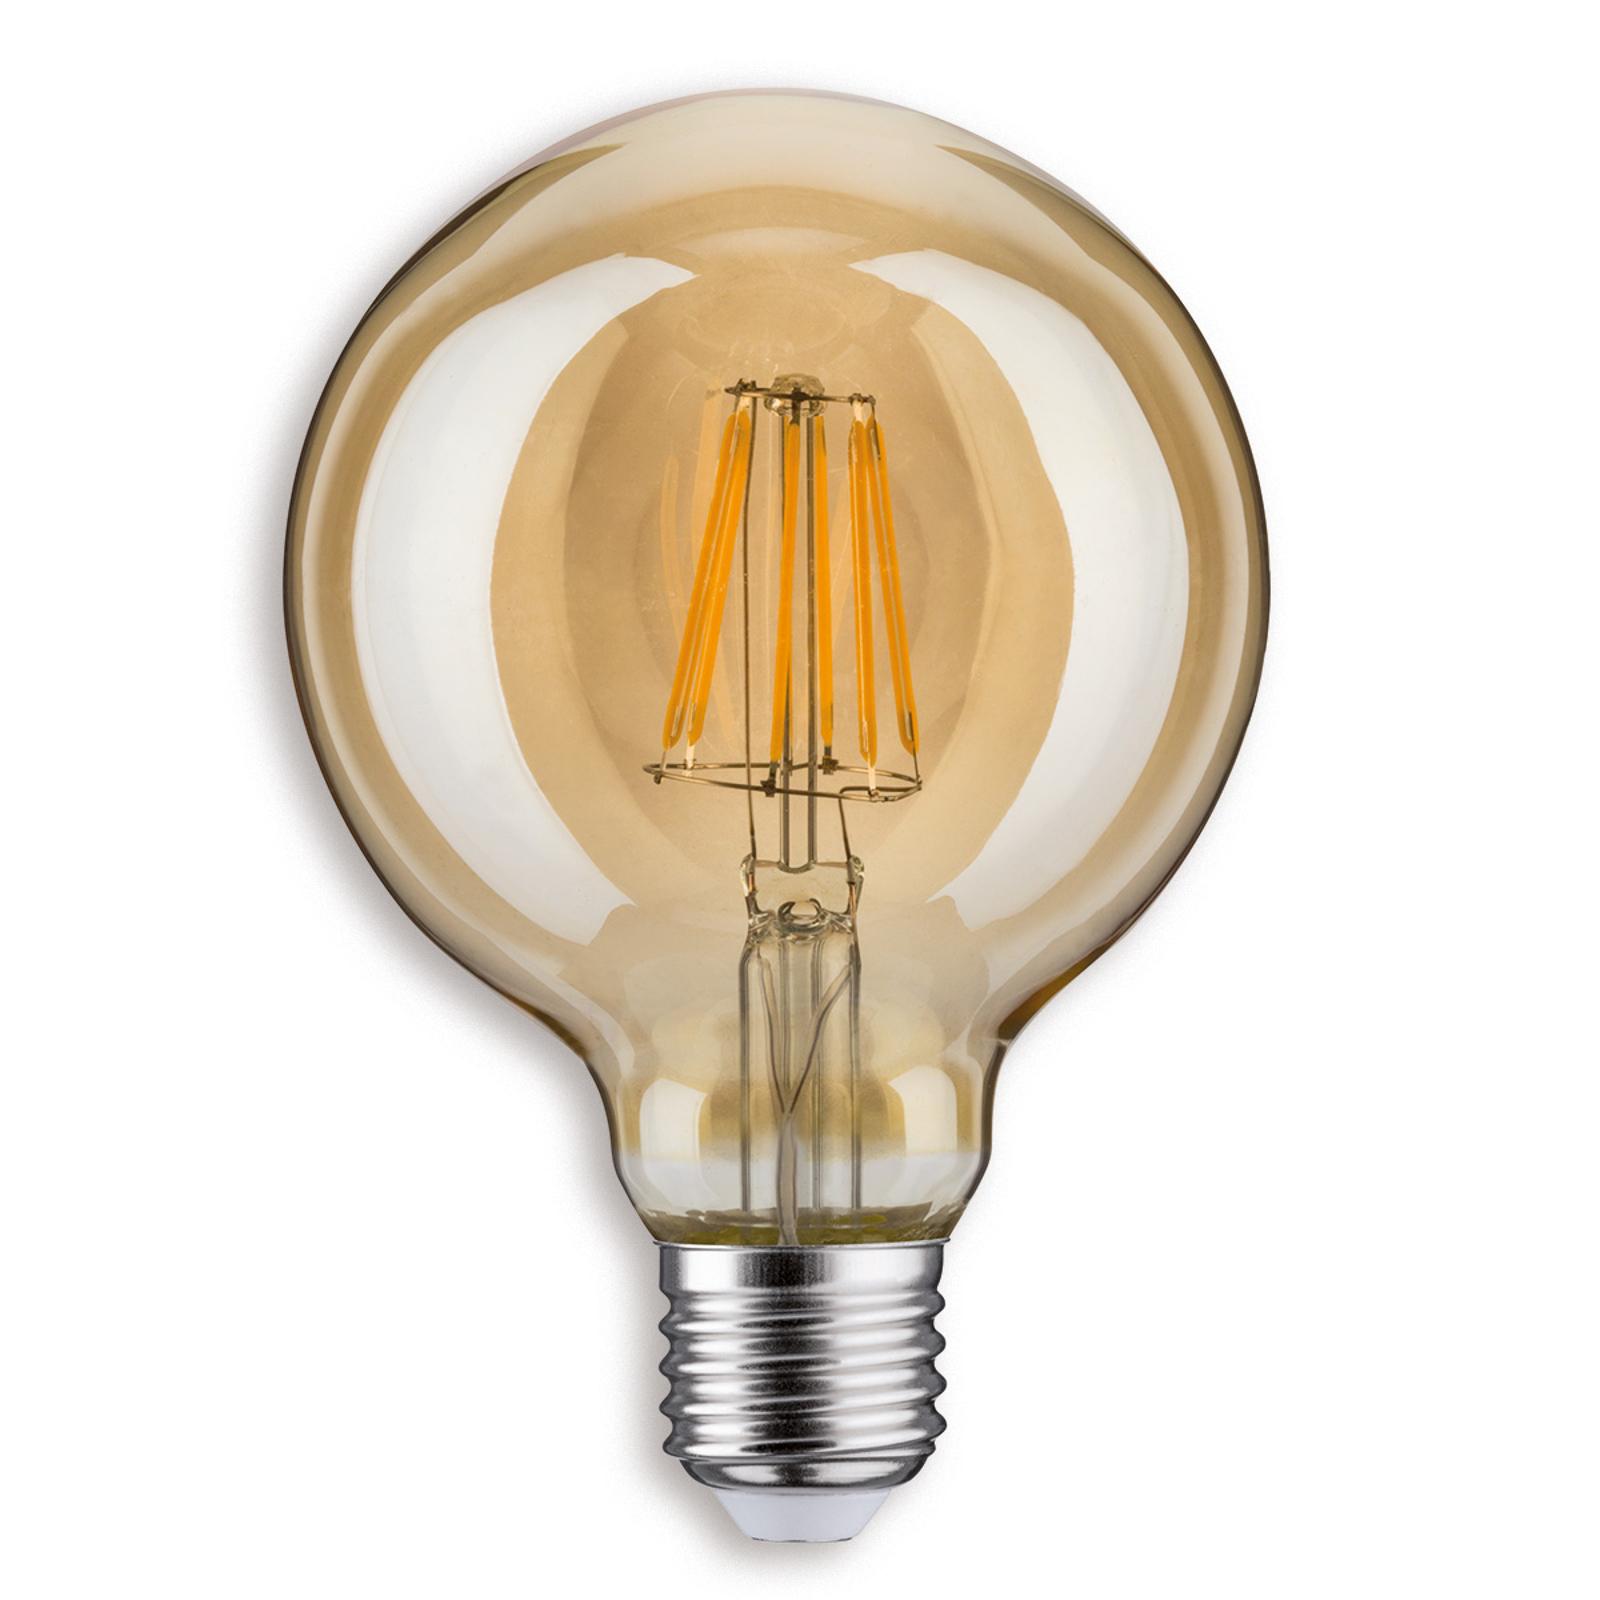 Paulmann E27 6,5W 825 LED-Globelampe G95 gold